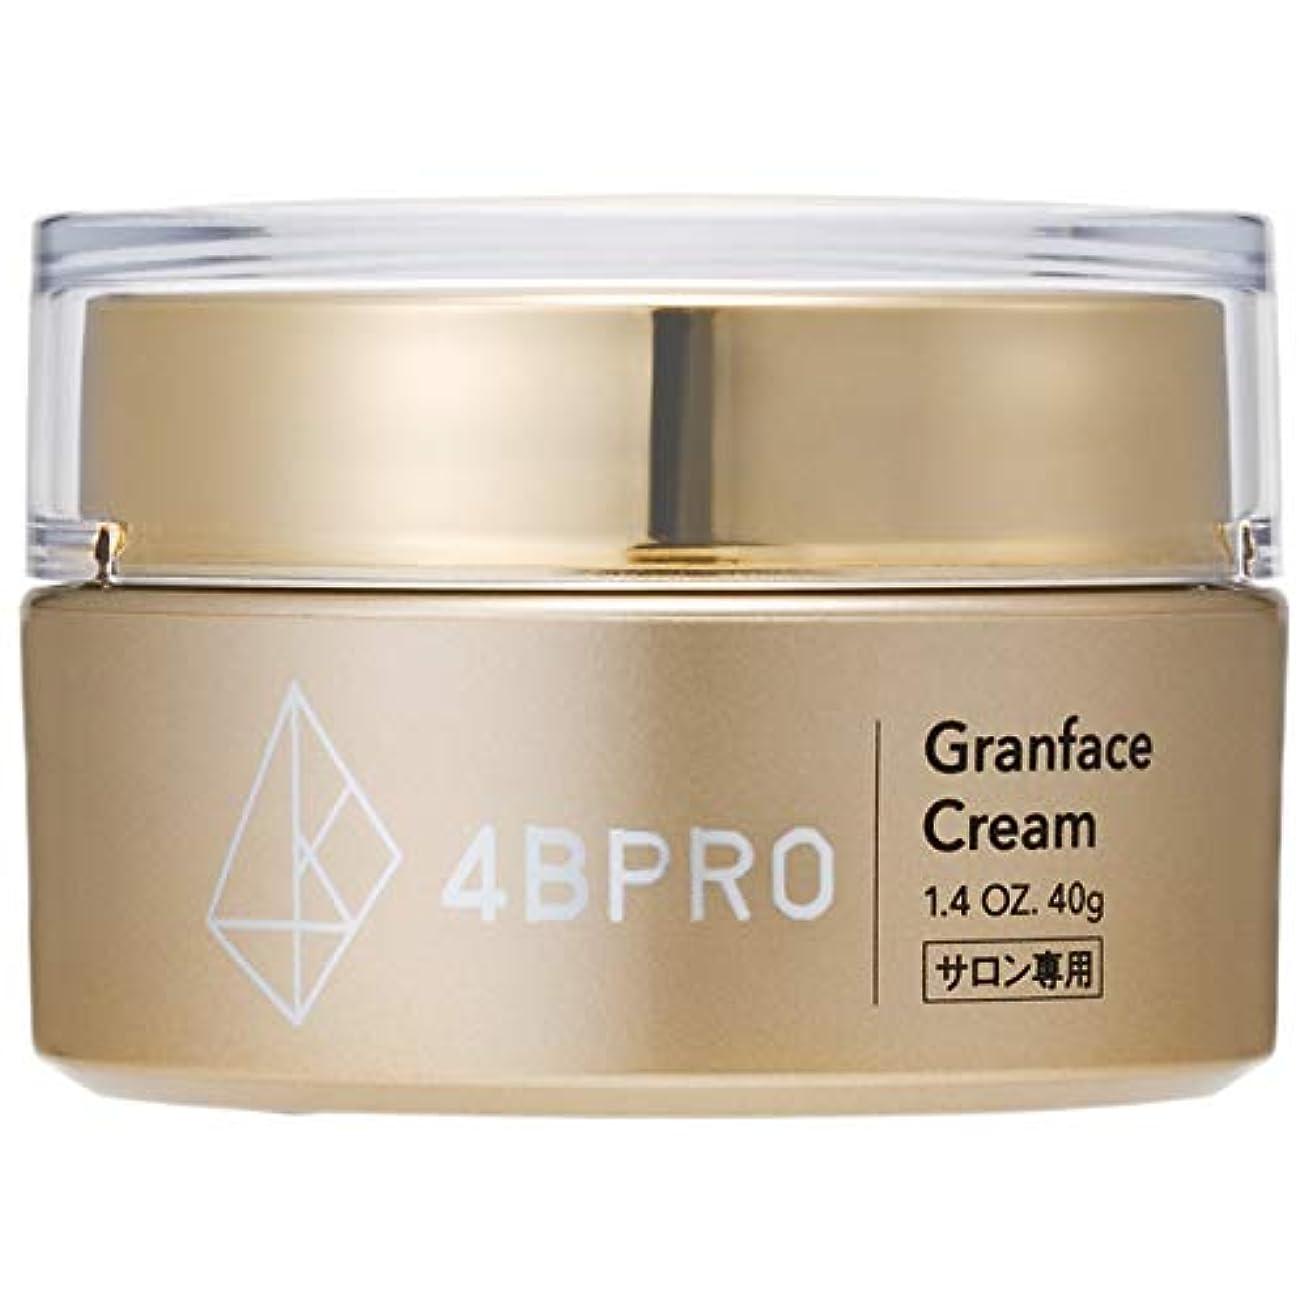 レキシコン記念碑フルート4BPRO GranFace Cream(フォービープロ グランフェイスクリーム)フェイスクリーム 高浸透型ヒアルロン酸、抗炎症、抗酸化、美白美容成分配合 40g